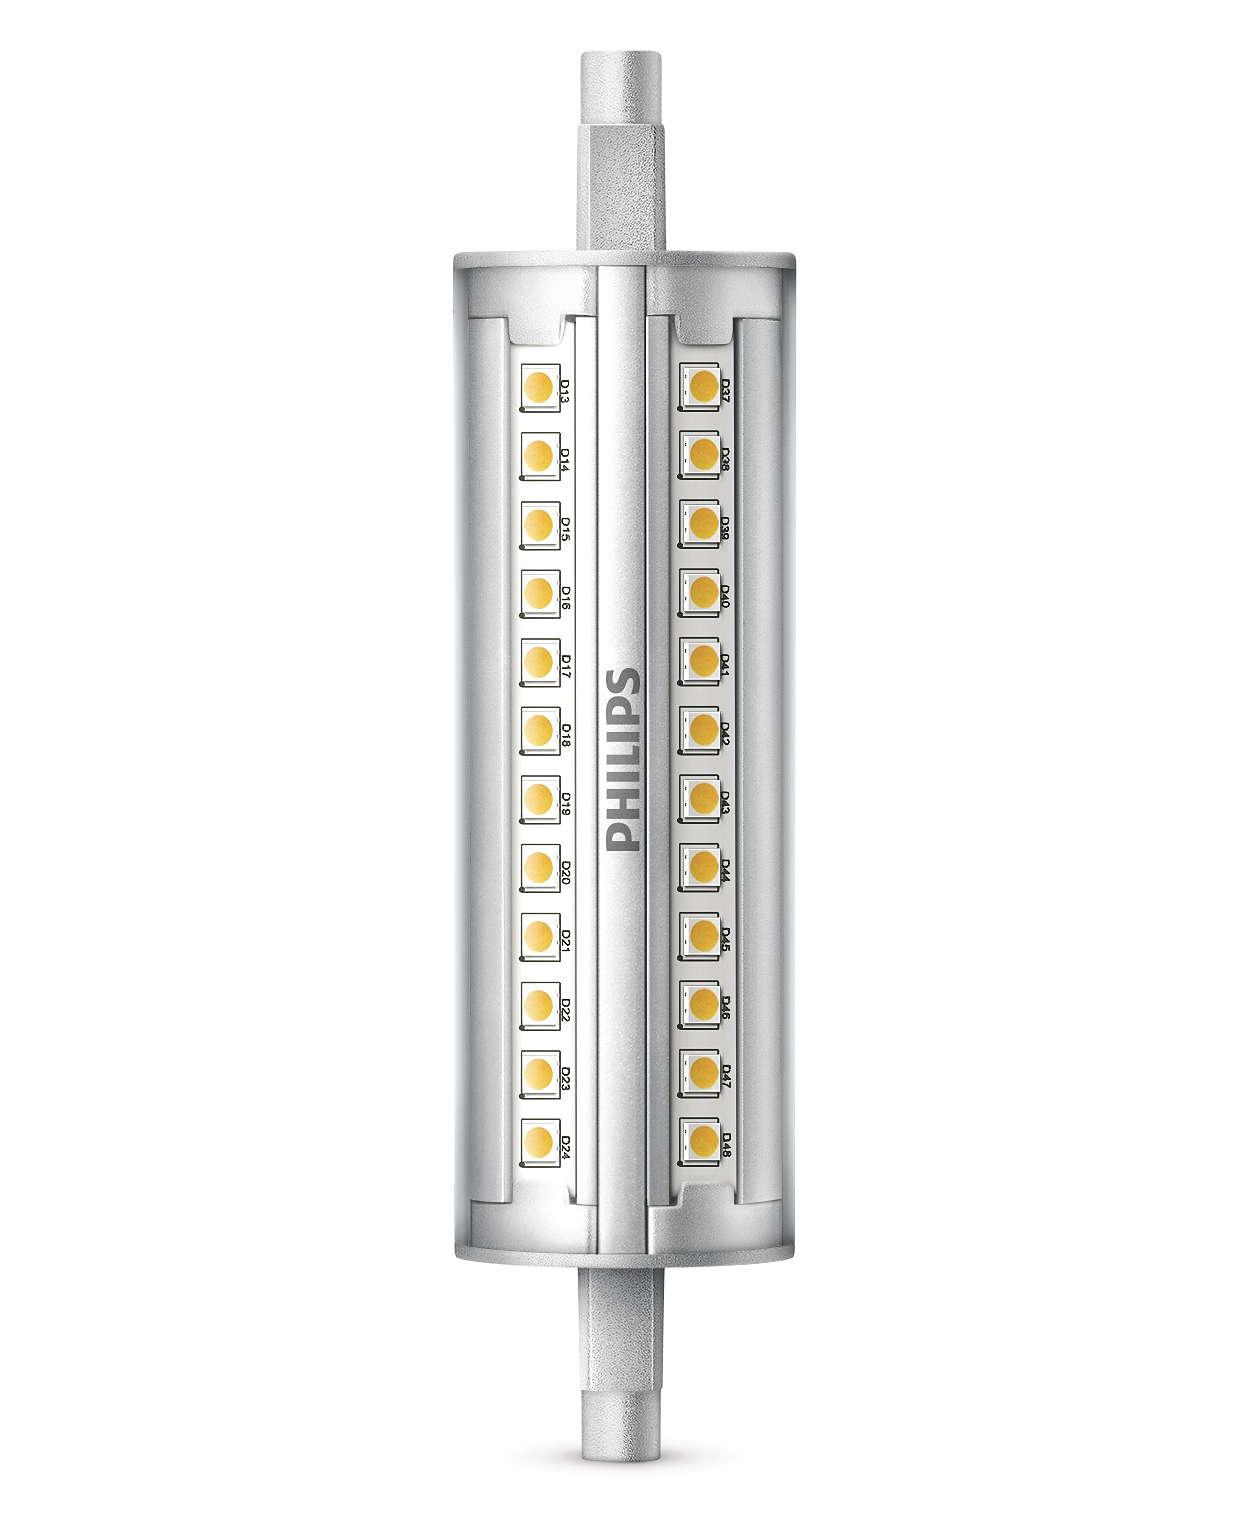 Dimbare rechte LED-lamp met een straal van 300 graden